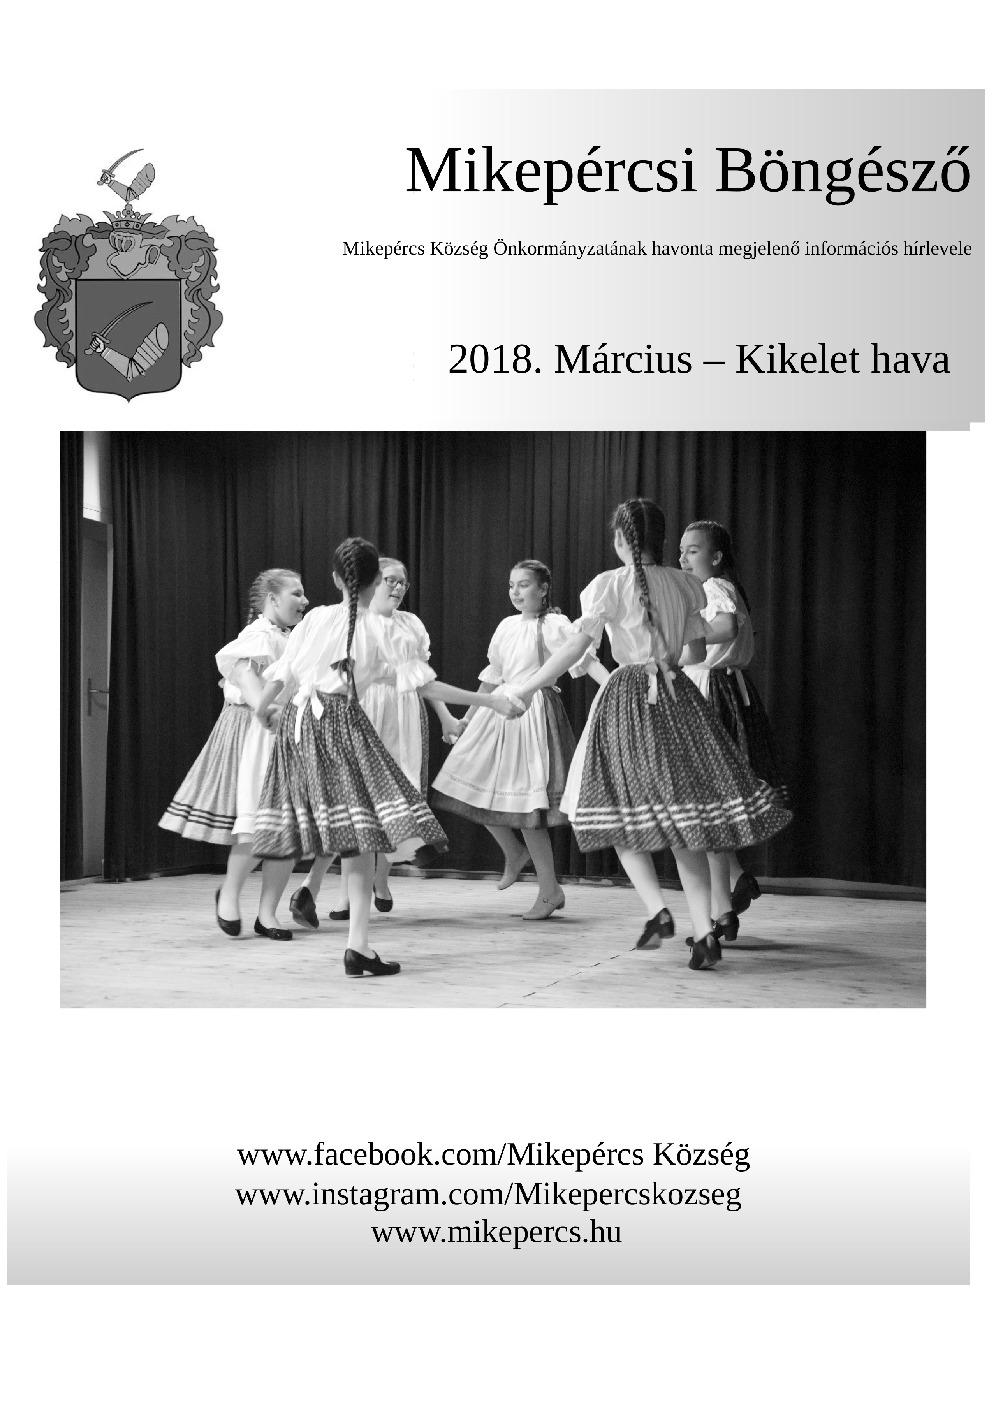 Mikepércsi Böngésző 2018. Március